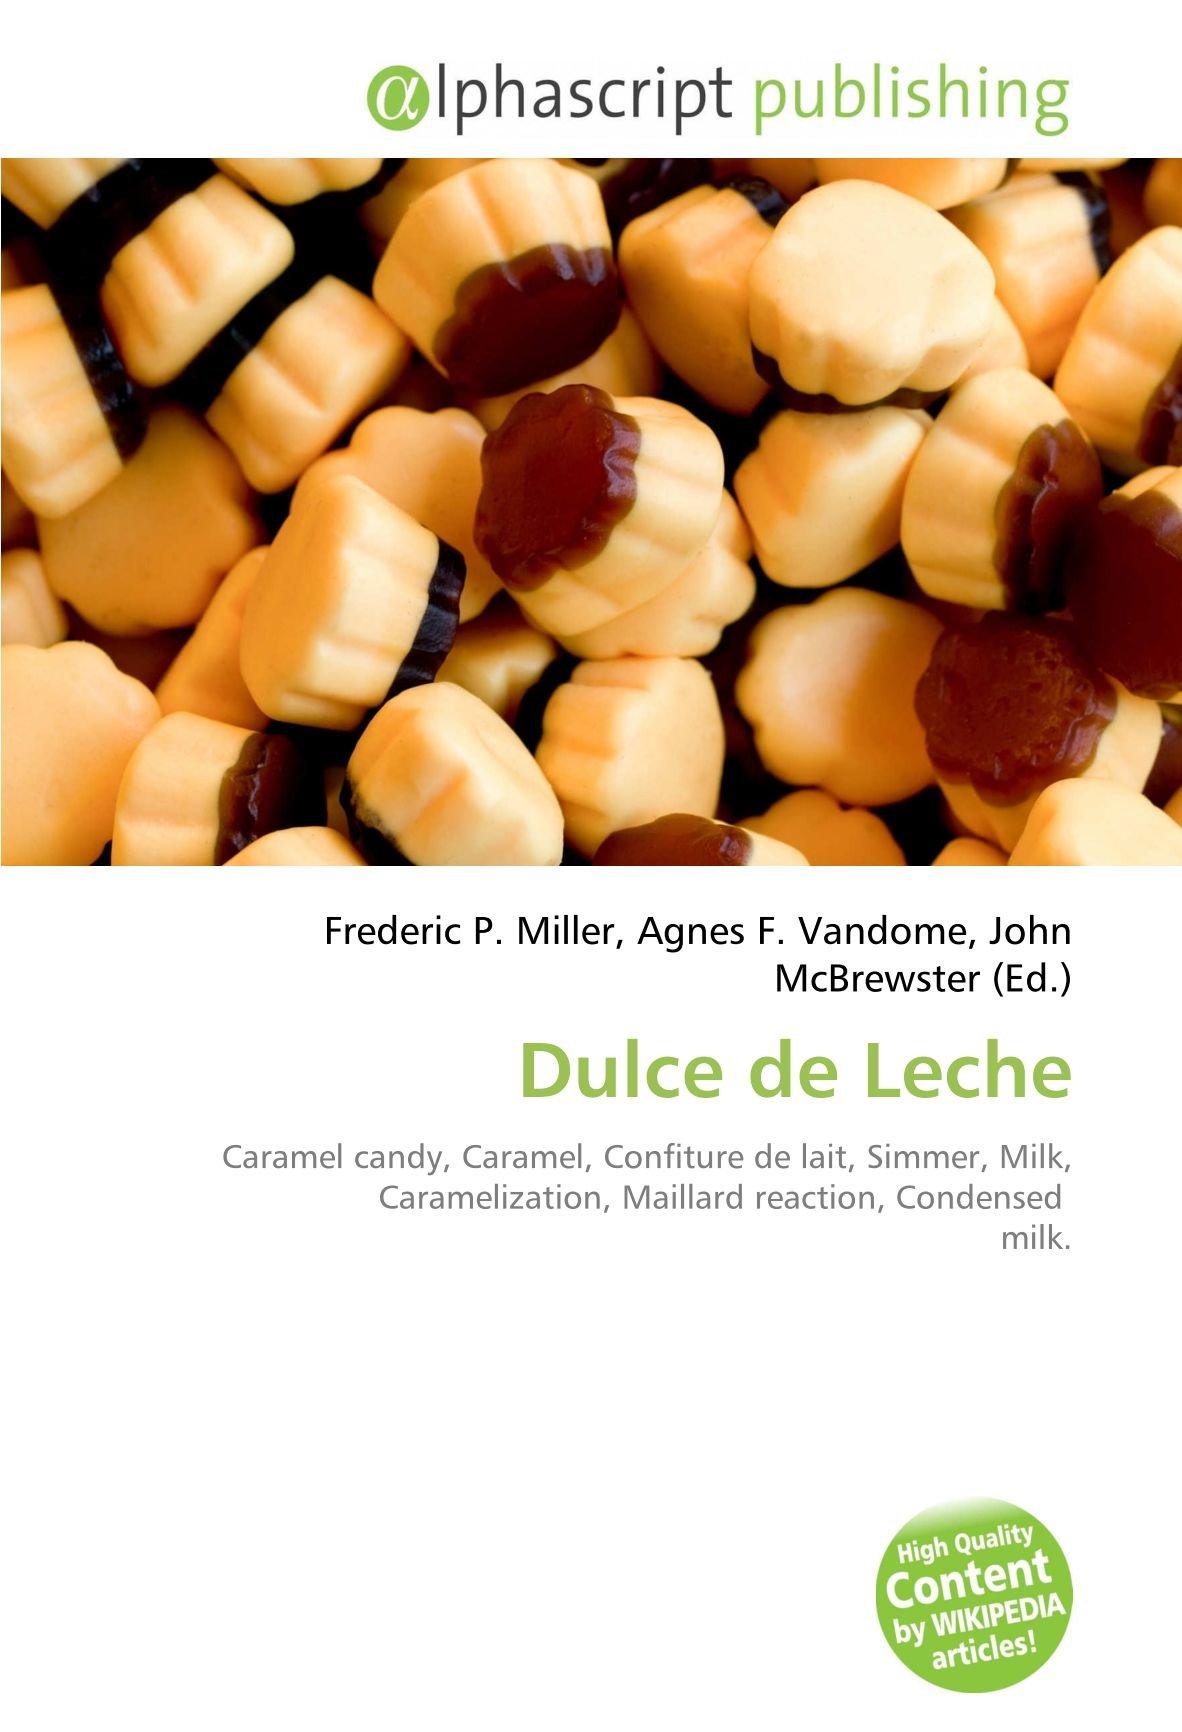 Dulce de Leche: Amazon.es: Frederic P Miller, Agnes F Vandome, John McBrewster: Libros en idiomas extranjeros